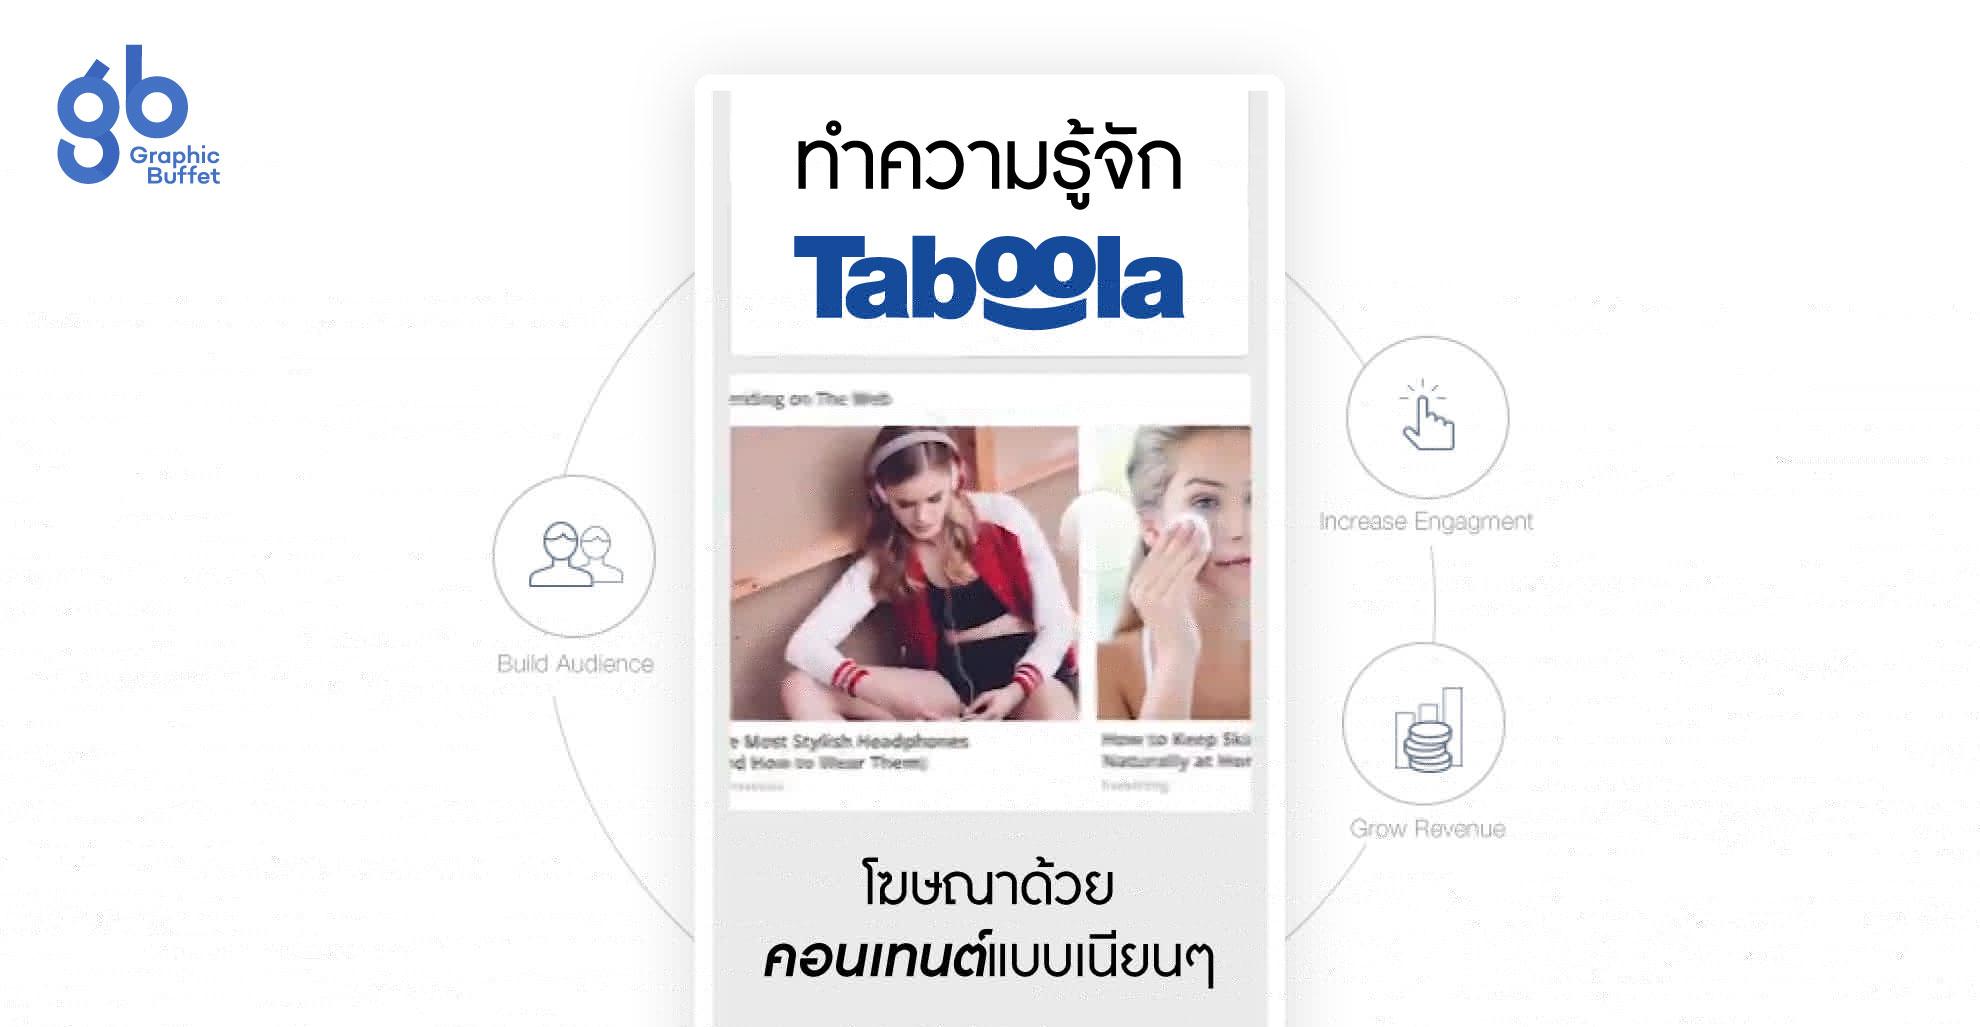 ทำความรู้จัก Taboola โฆษณาด้วยคอนเทนต์แบบเนียนๆ